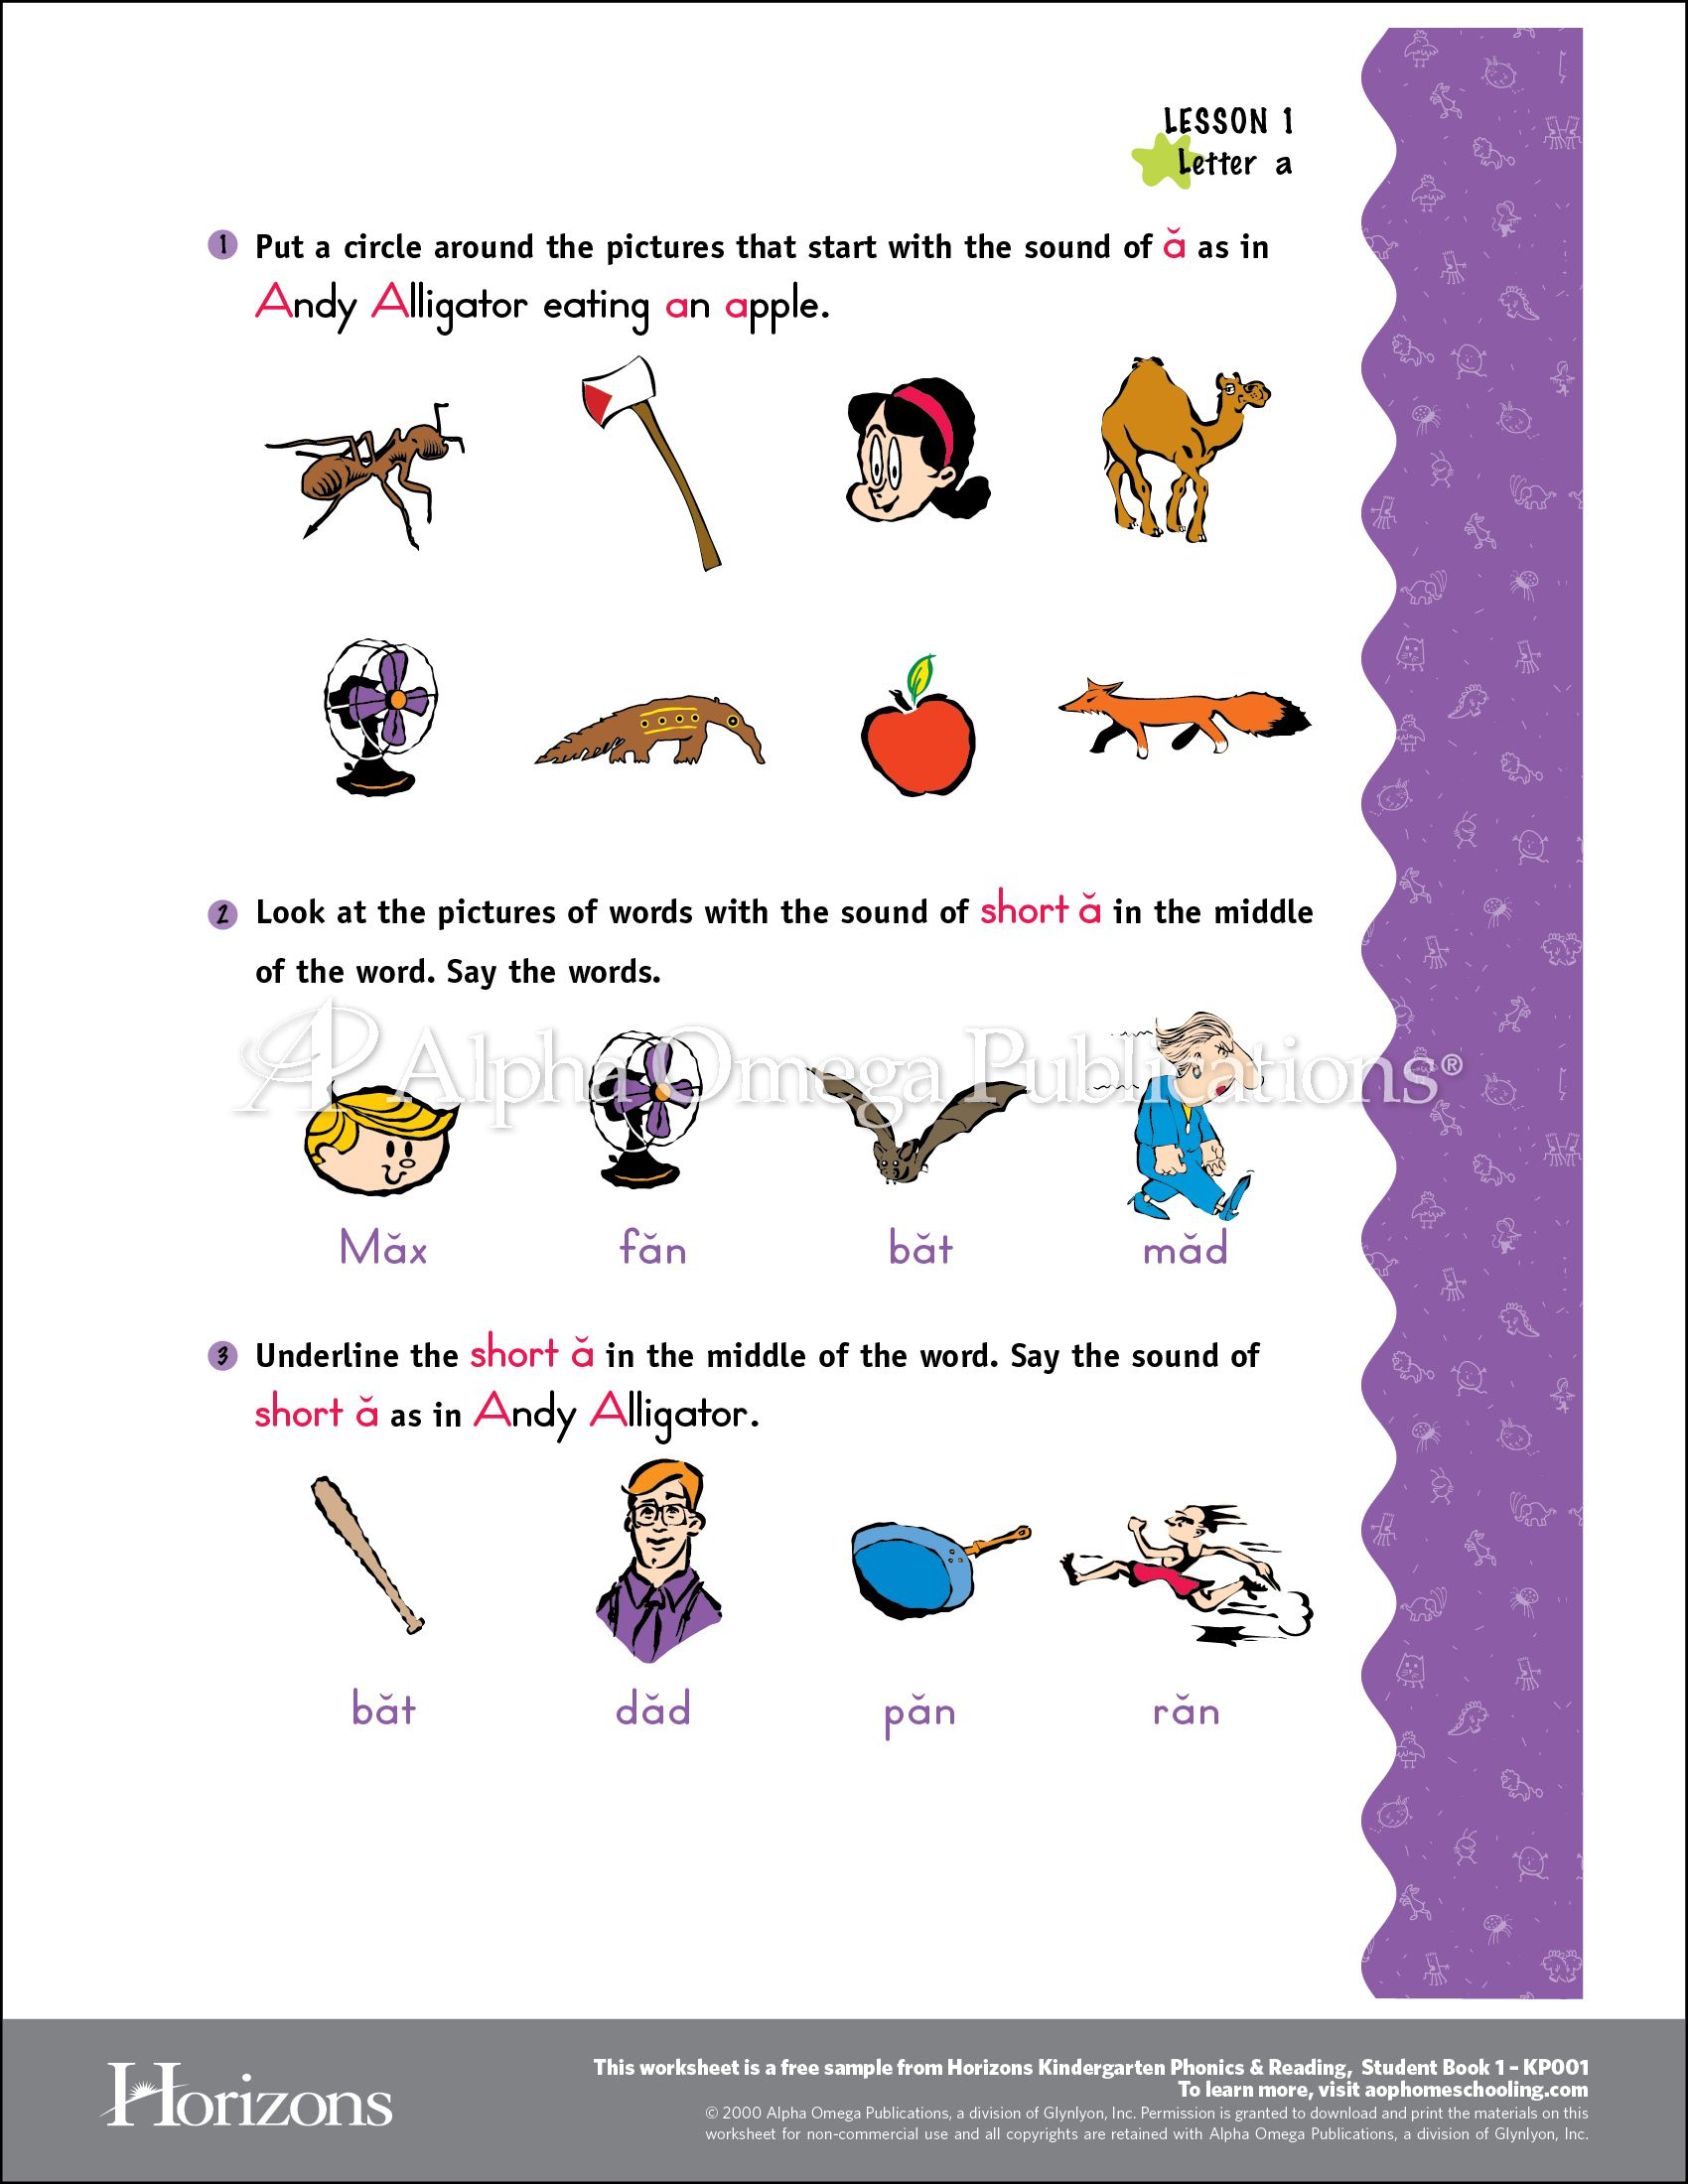 Aop Horizons Free Printable Worksheet Sample Page Download For   Free Homeschool Printable Worksheets